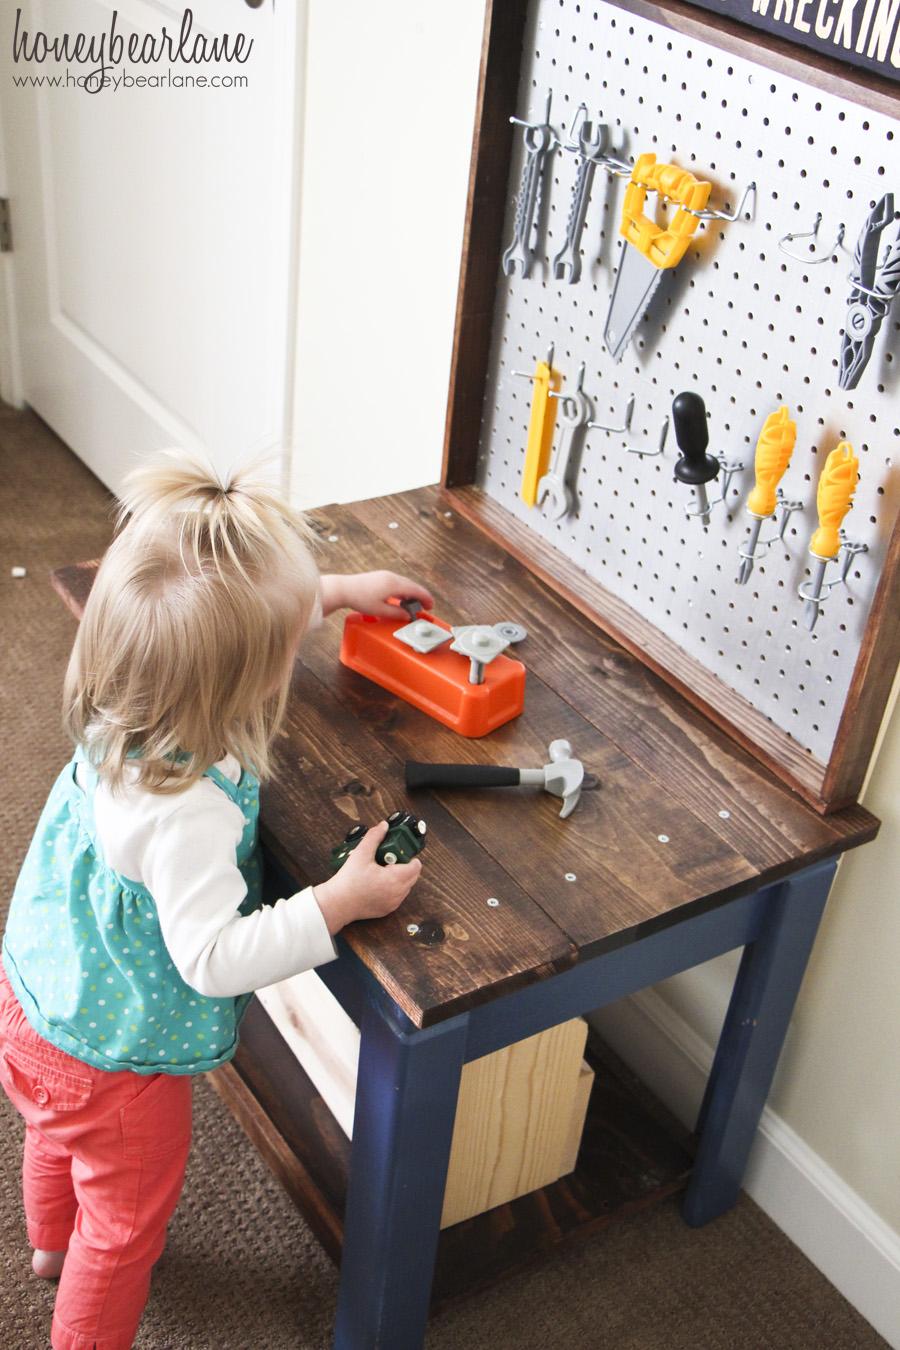 Pdf Diy Make Kids Work Bench Download Minwax Woodworking Plans Furnitureplans